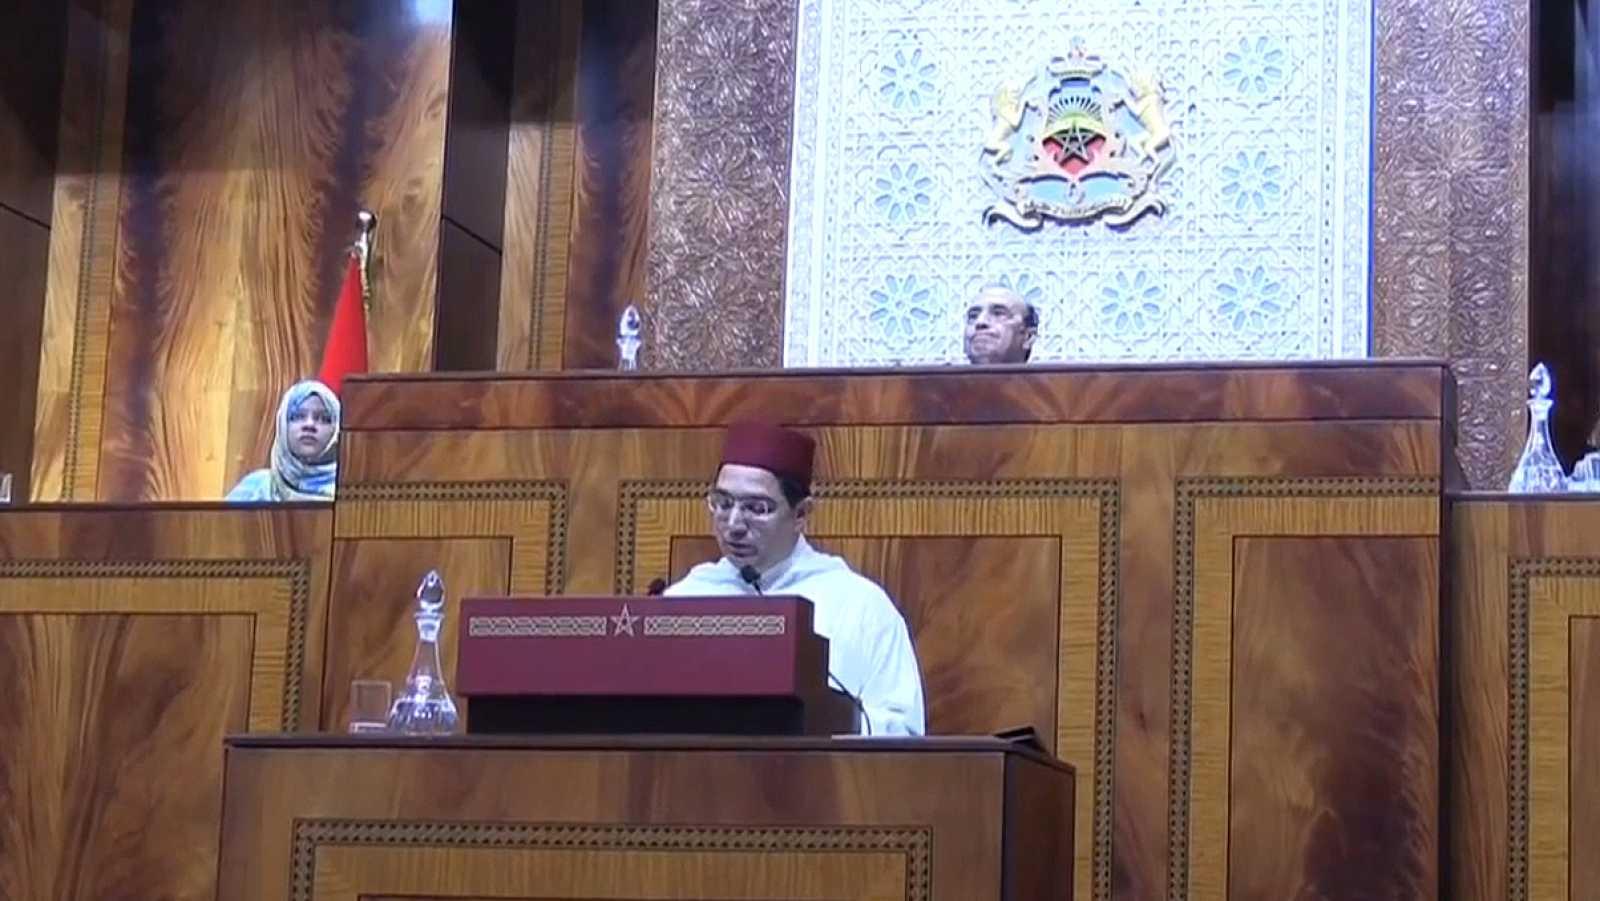 España rechaza que Marruecos intente delimitar sus aguas territoriales de forma unilateral